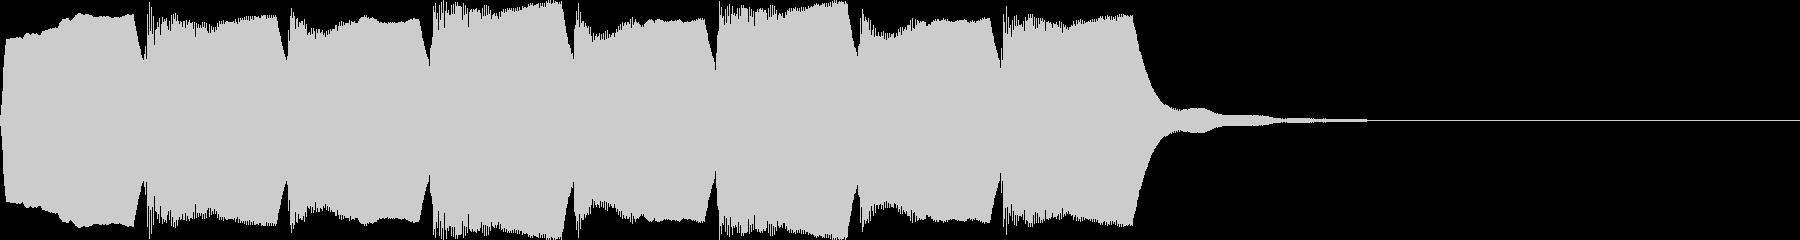 救急車のサイレンE(ハーモニック・短)の未再生の波形